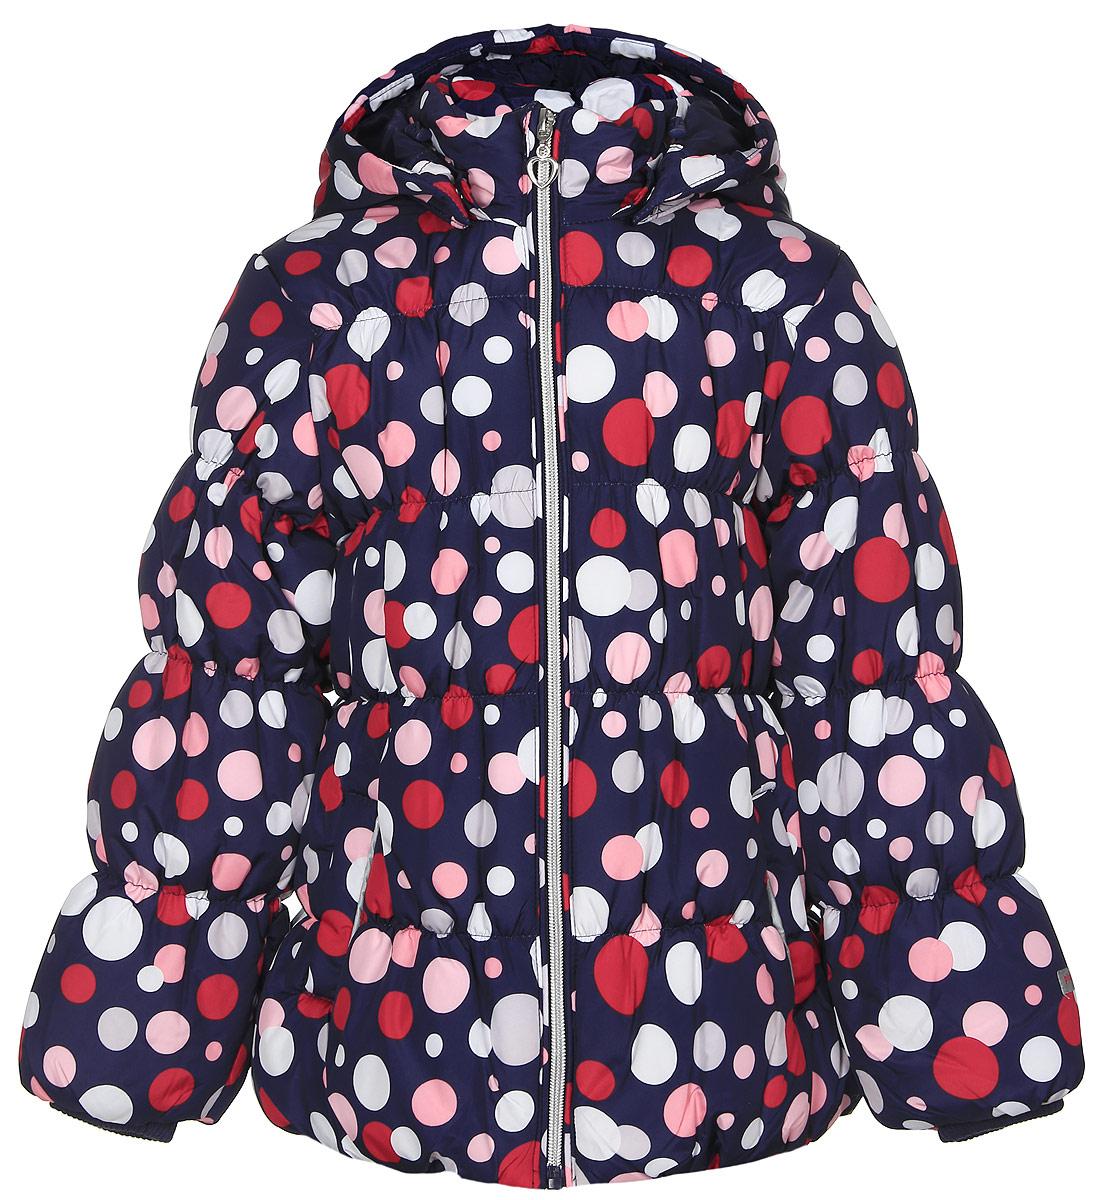 Куртка362001Теплая куртка для девочки PlayToday выполнена из качественного полиэстера с наполнителем из синтепона (260 г/м2). Застегивается модель на молнию с защитой подбородка и фигурным пуллером в виде сердечка. На рукавах вшиты трикотажные манжеты. Капюшон прикрепляется к куртке при помощи кнопок и утягивается стопперами. Спереди куртка дополнена двумя втачными карманами с защитными клапанами на липучках. Украшено изделие ярким принтом в горошек.